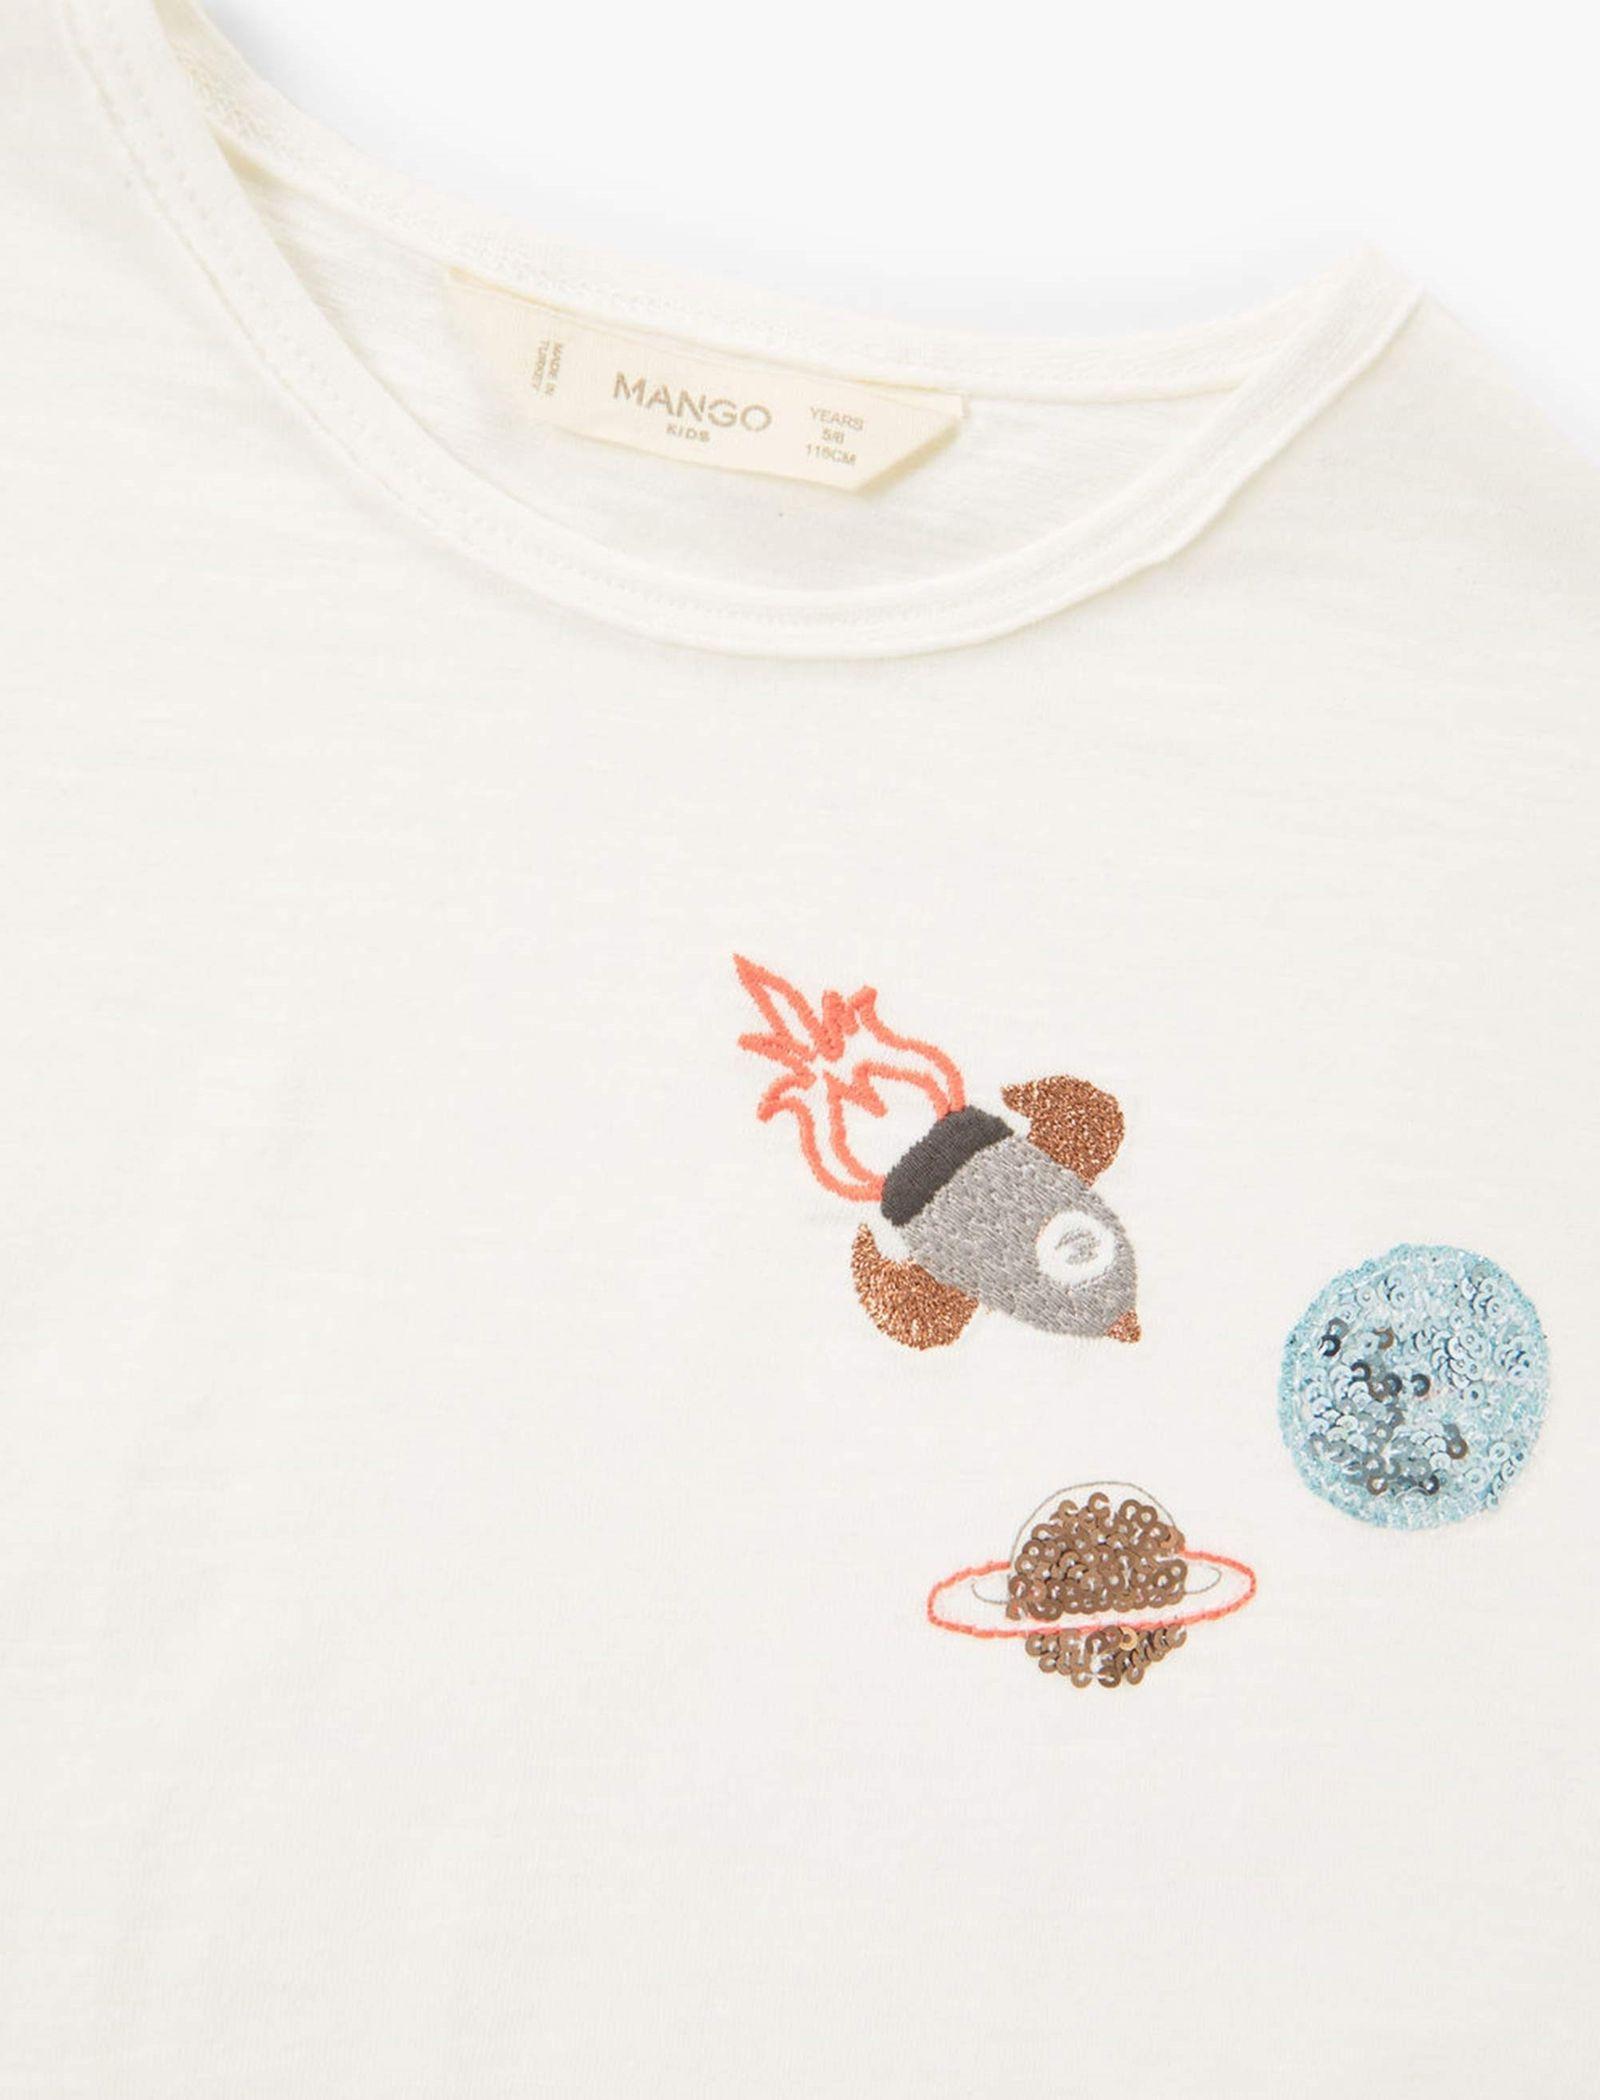 تی شرت نخی دخترانه - مانگو - سفيد وانيلي - 5